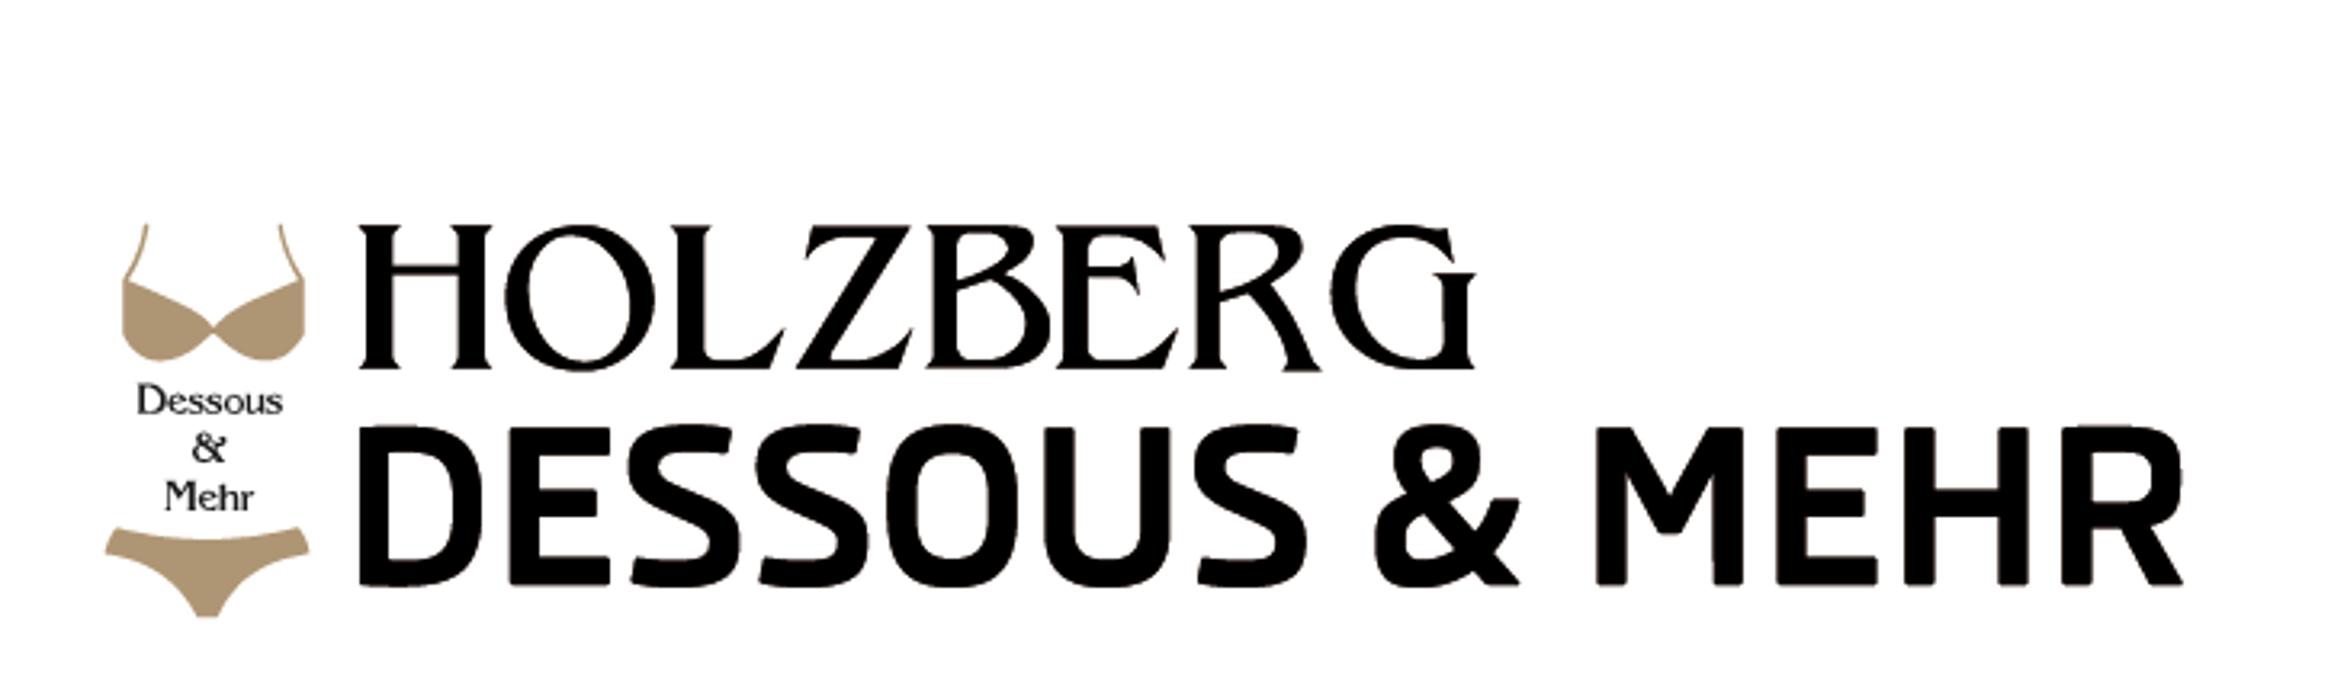 pretty nice 23644 309e9 Holzberg Dessous & Mehr • Goslar, Hokenstraße 13 ...